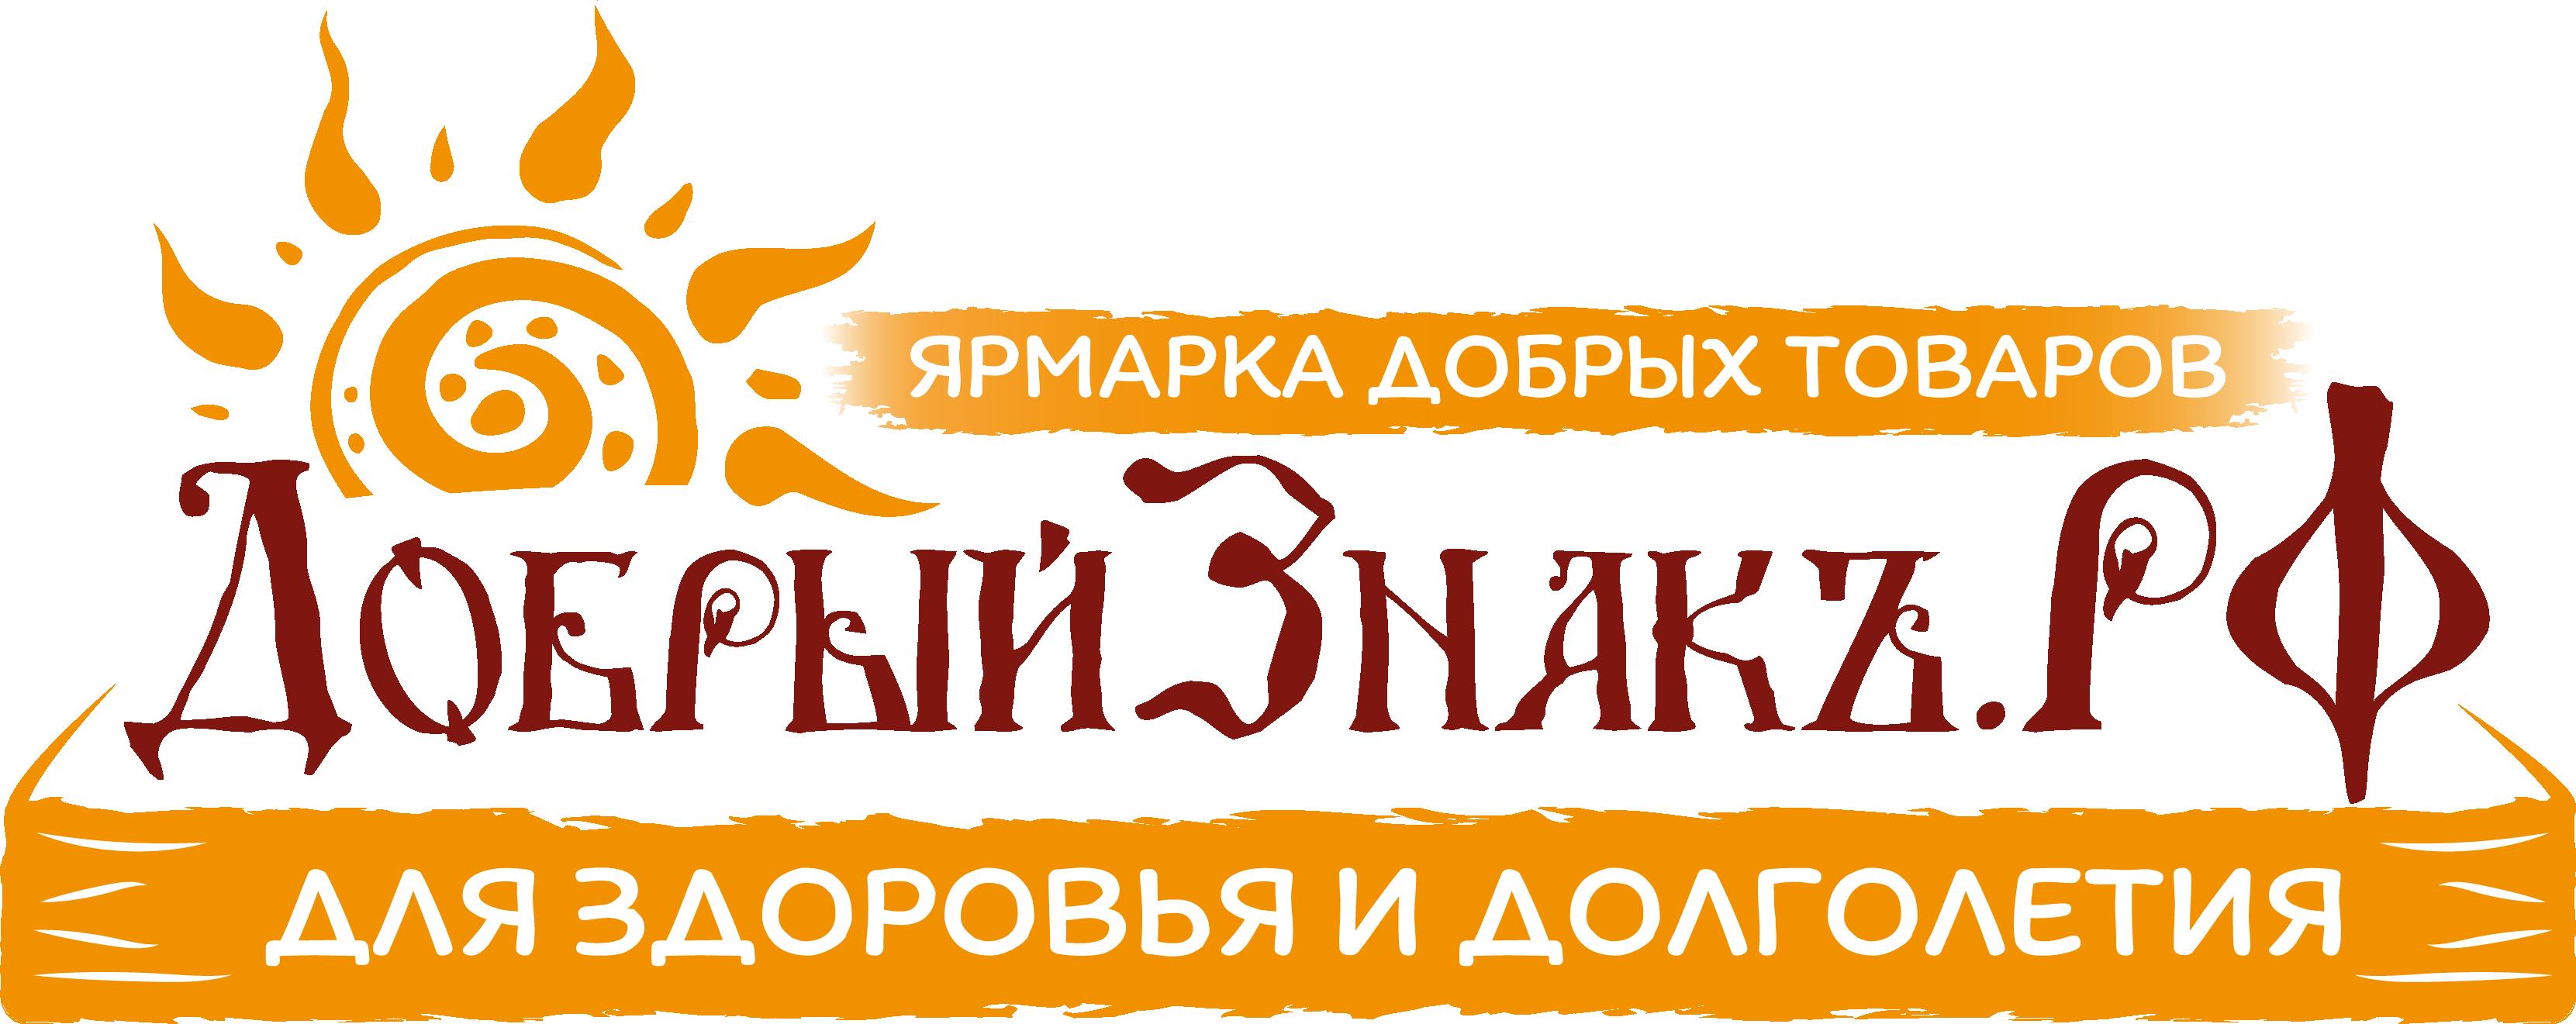 ДобрыйЗнакъ.РФ - Ярмарка добрых товаров